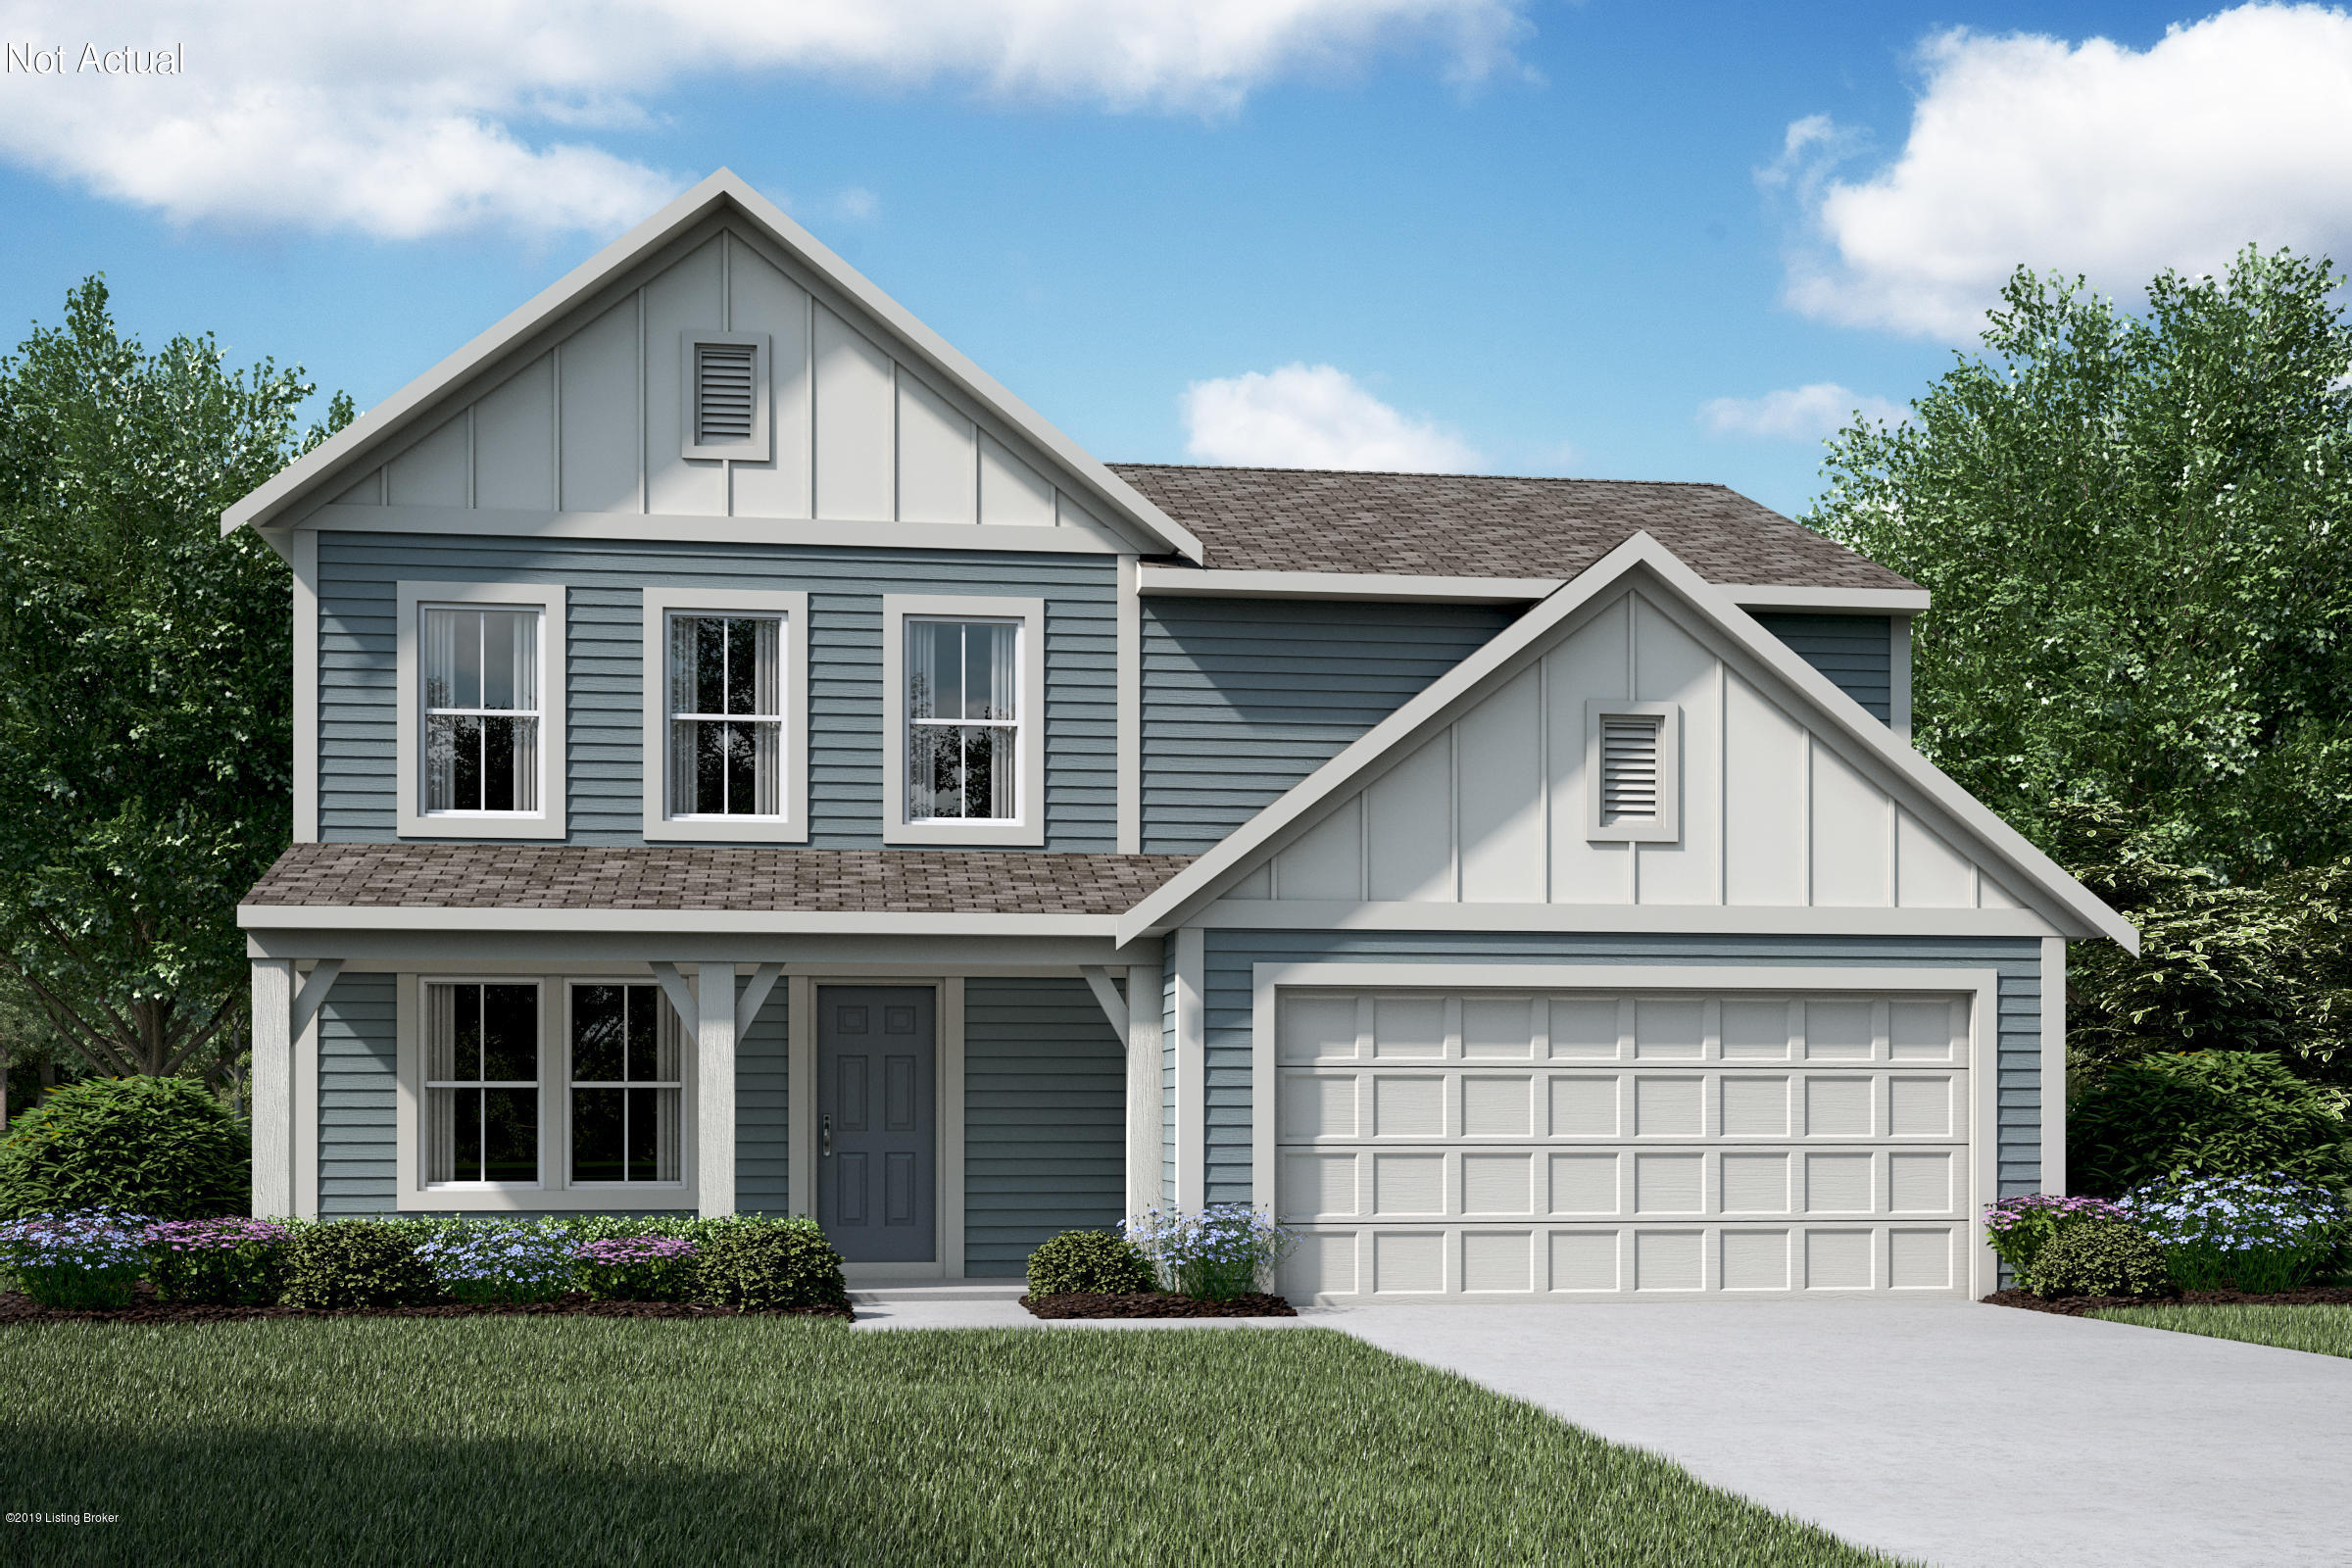 510 Gadwall Ct, Shepherdsville, Kentucky 40165, 3 Bedrooms Bedrooms, 8 Rooms Rooms,3 BathroomsBathrooms,Residential,For Sale,Gadwall,1525174